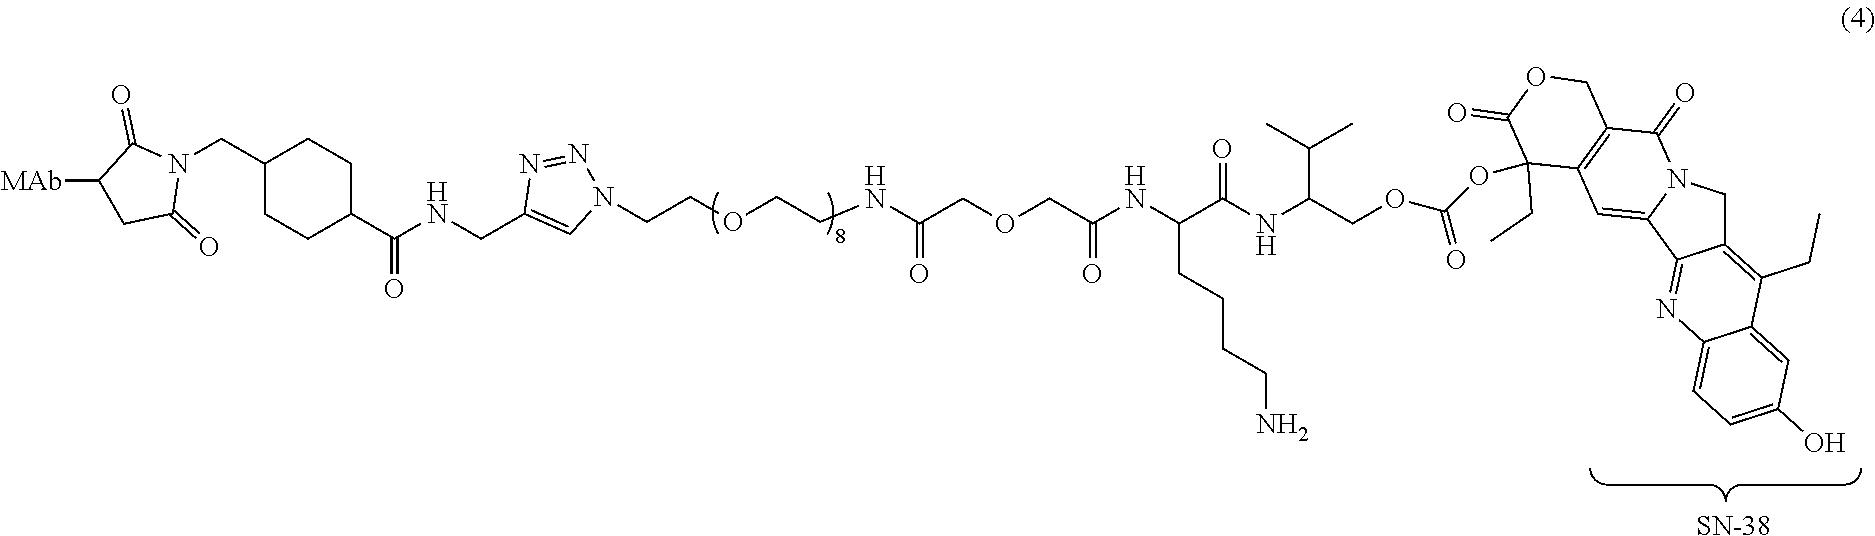 Figure US10265414-20190423-C00004